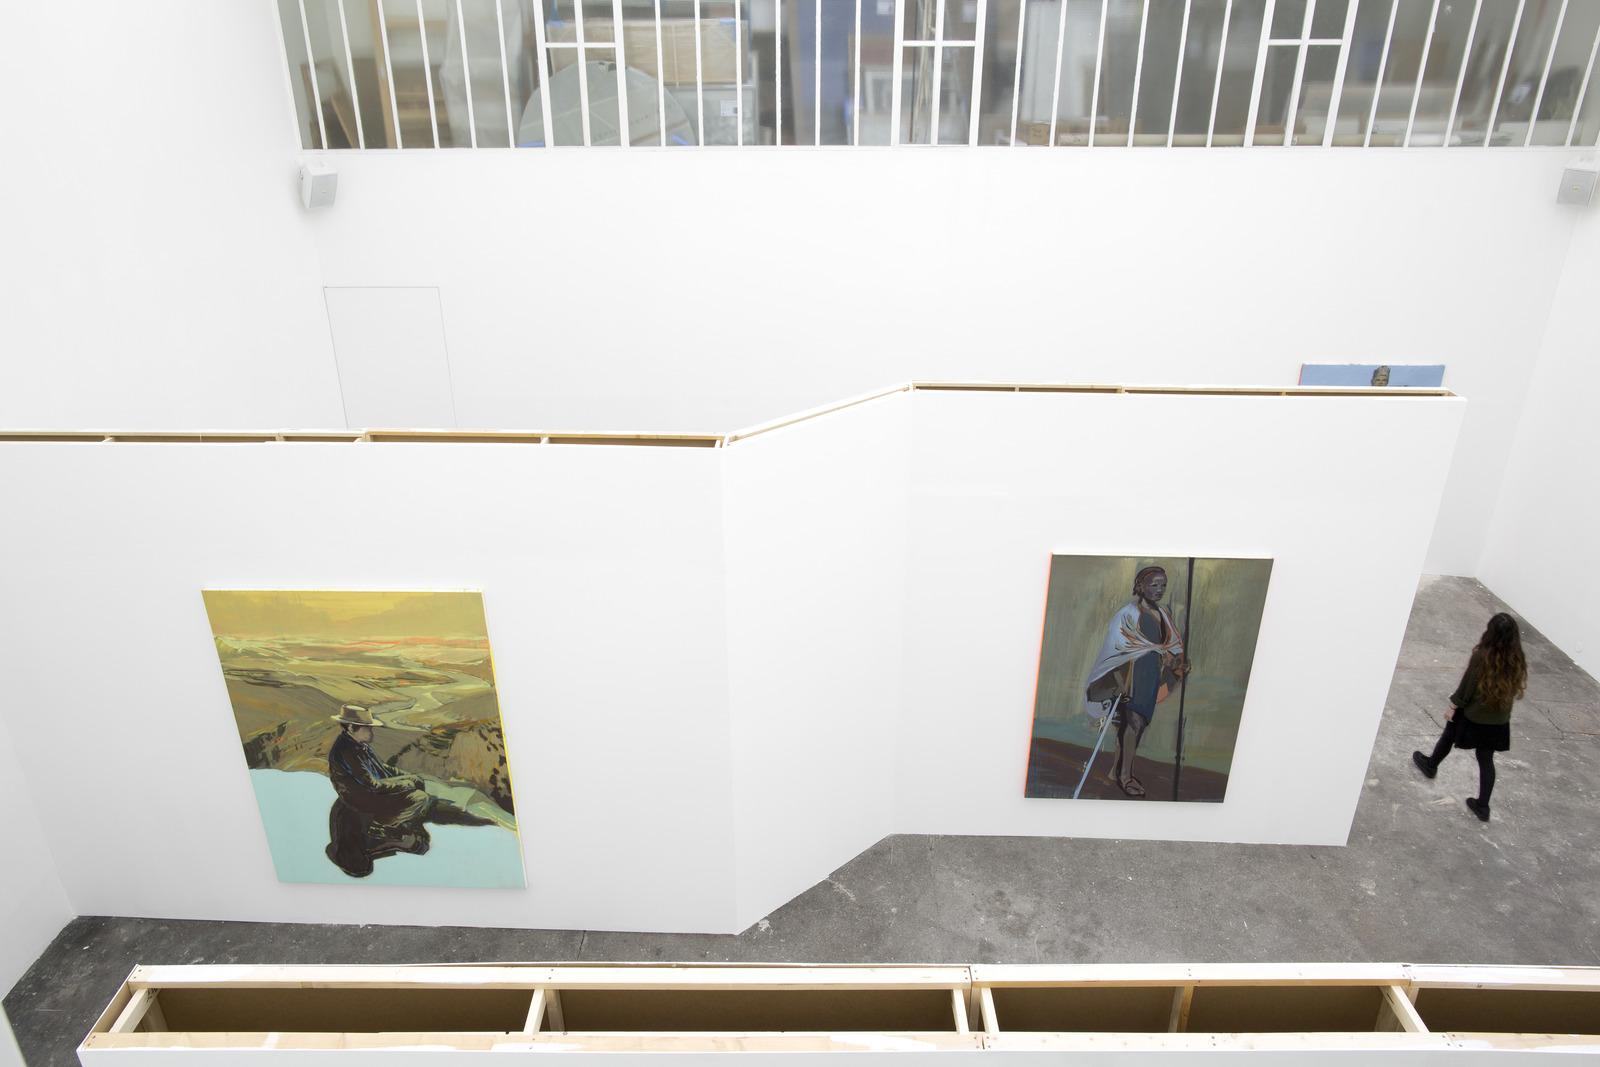 expo 14-2_vue d'exposition haute définition 18